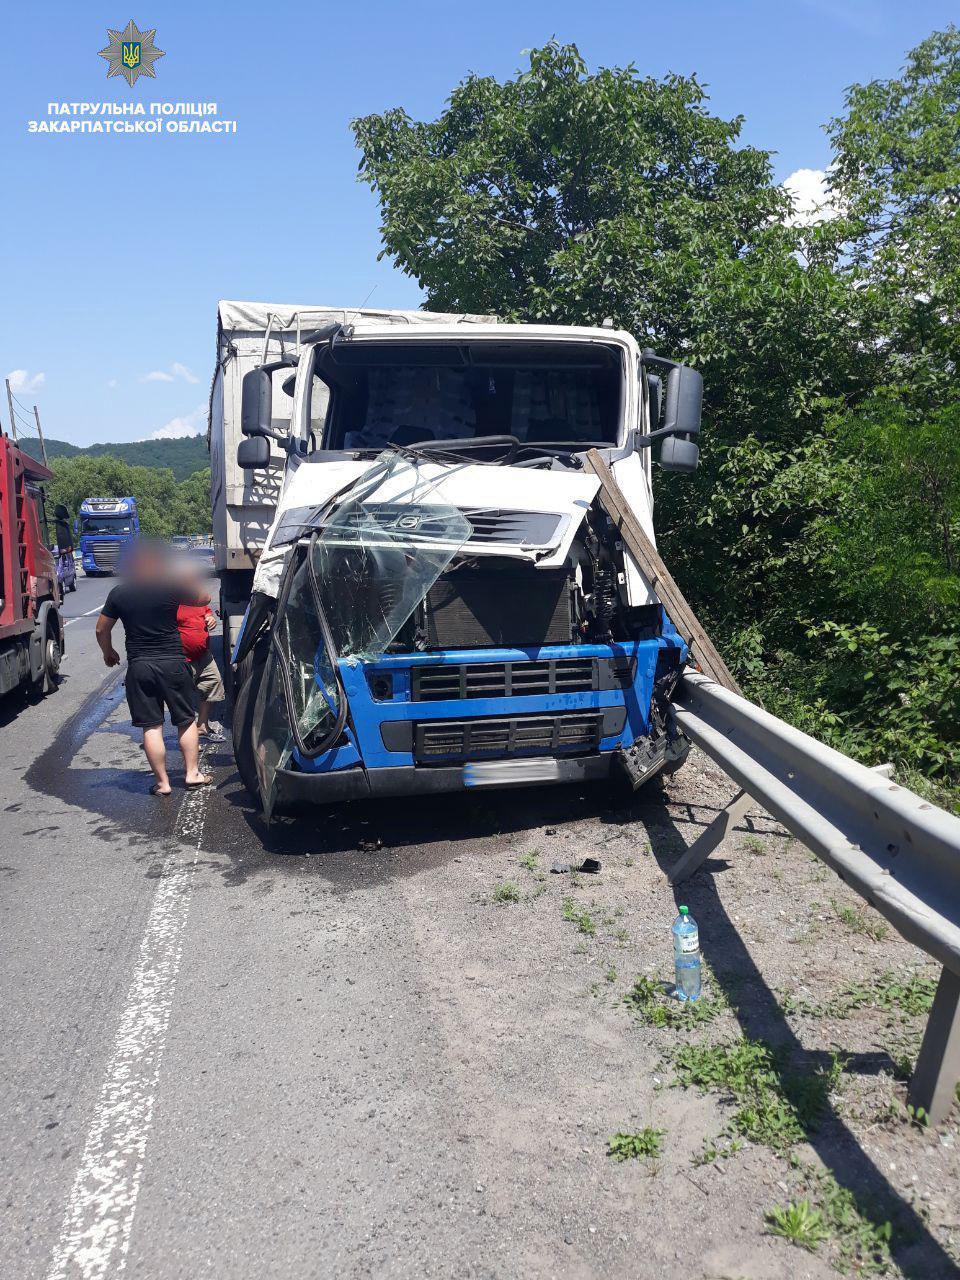 Автопригода сталася 13 червня, неподалік смт. Кольчино, Мукачівського району.